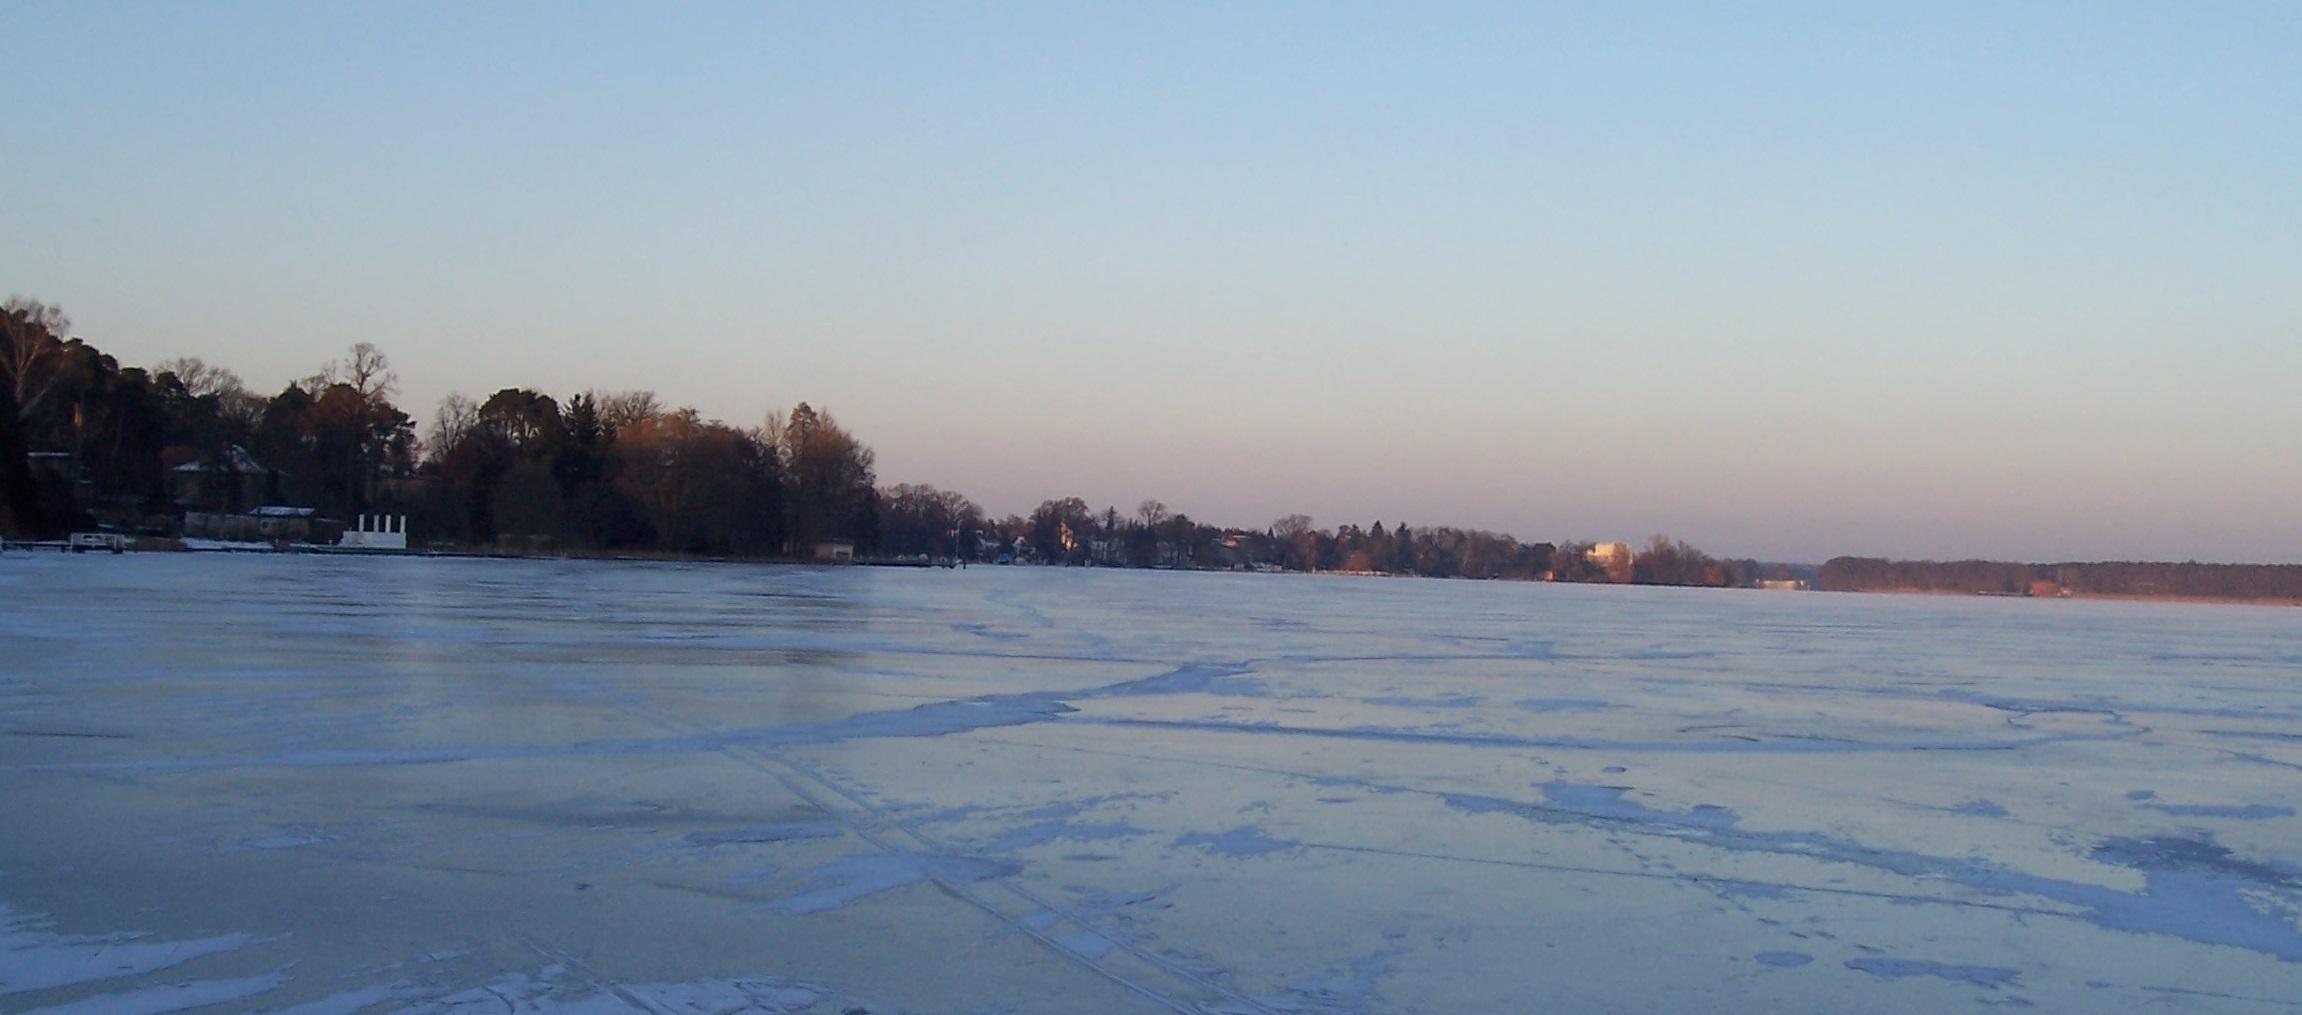 Zugefrorener Zeuthener See - noch ohne Fluglärm